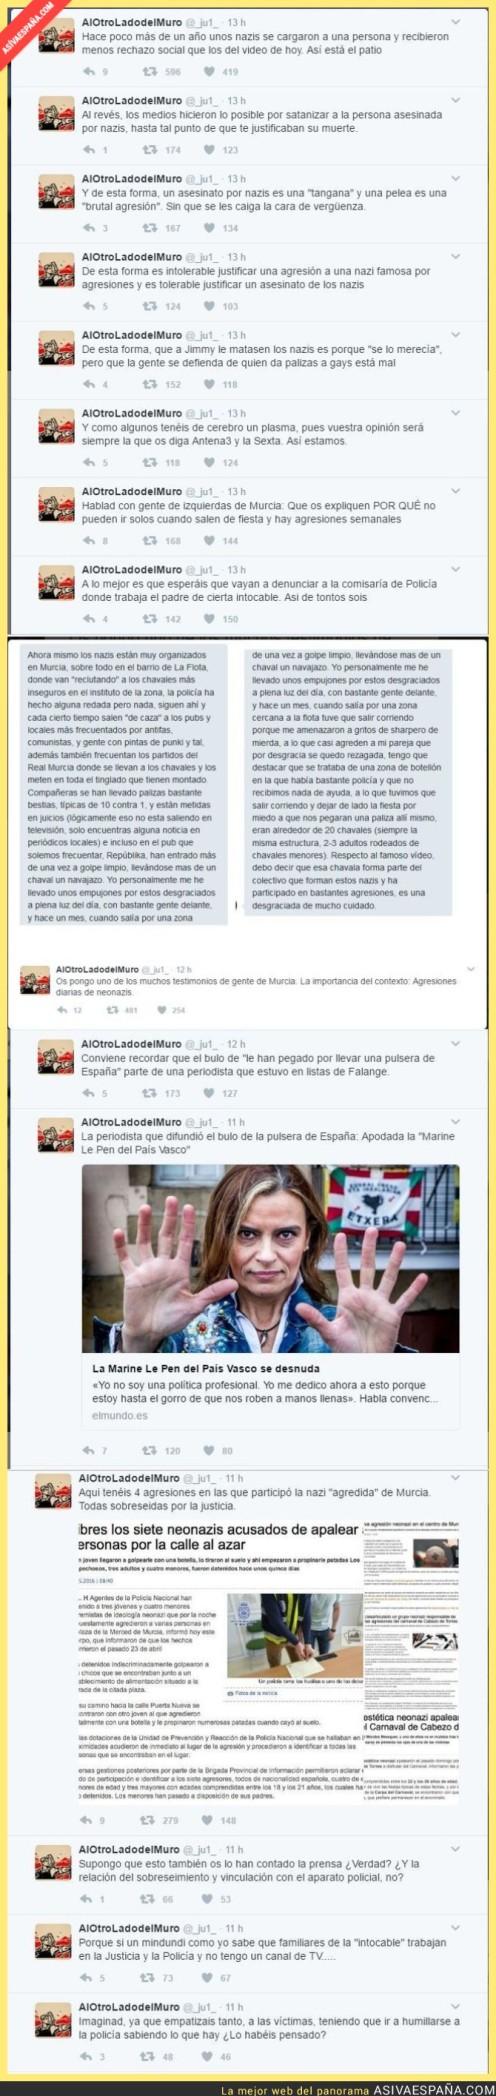 ave_66406_un_poco_de_contexto_sobre_las_agresiones_neonazis_diarias_en_murcia